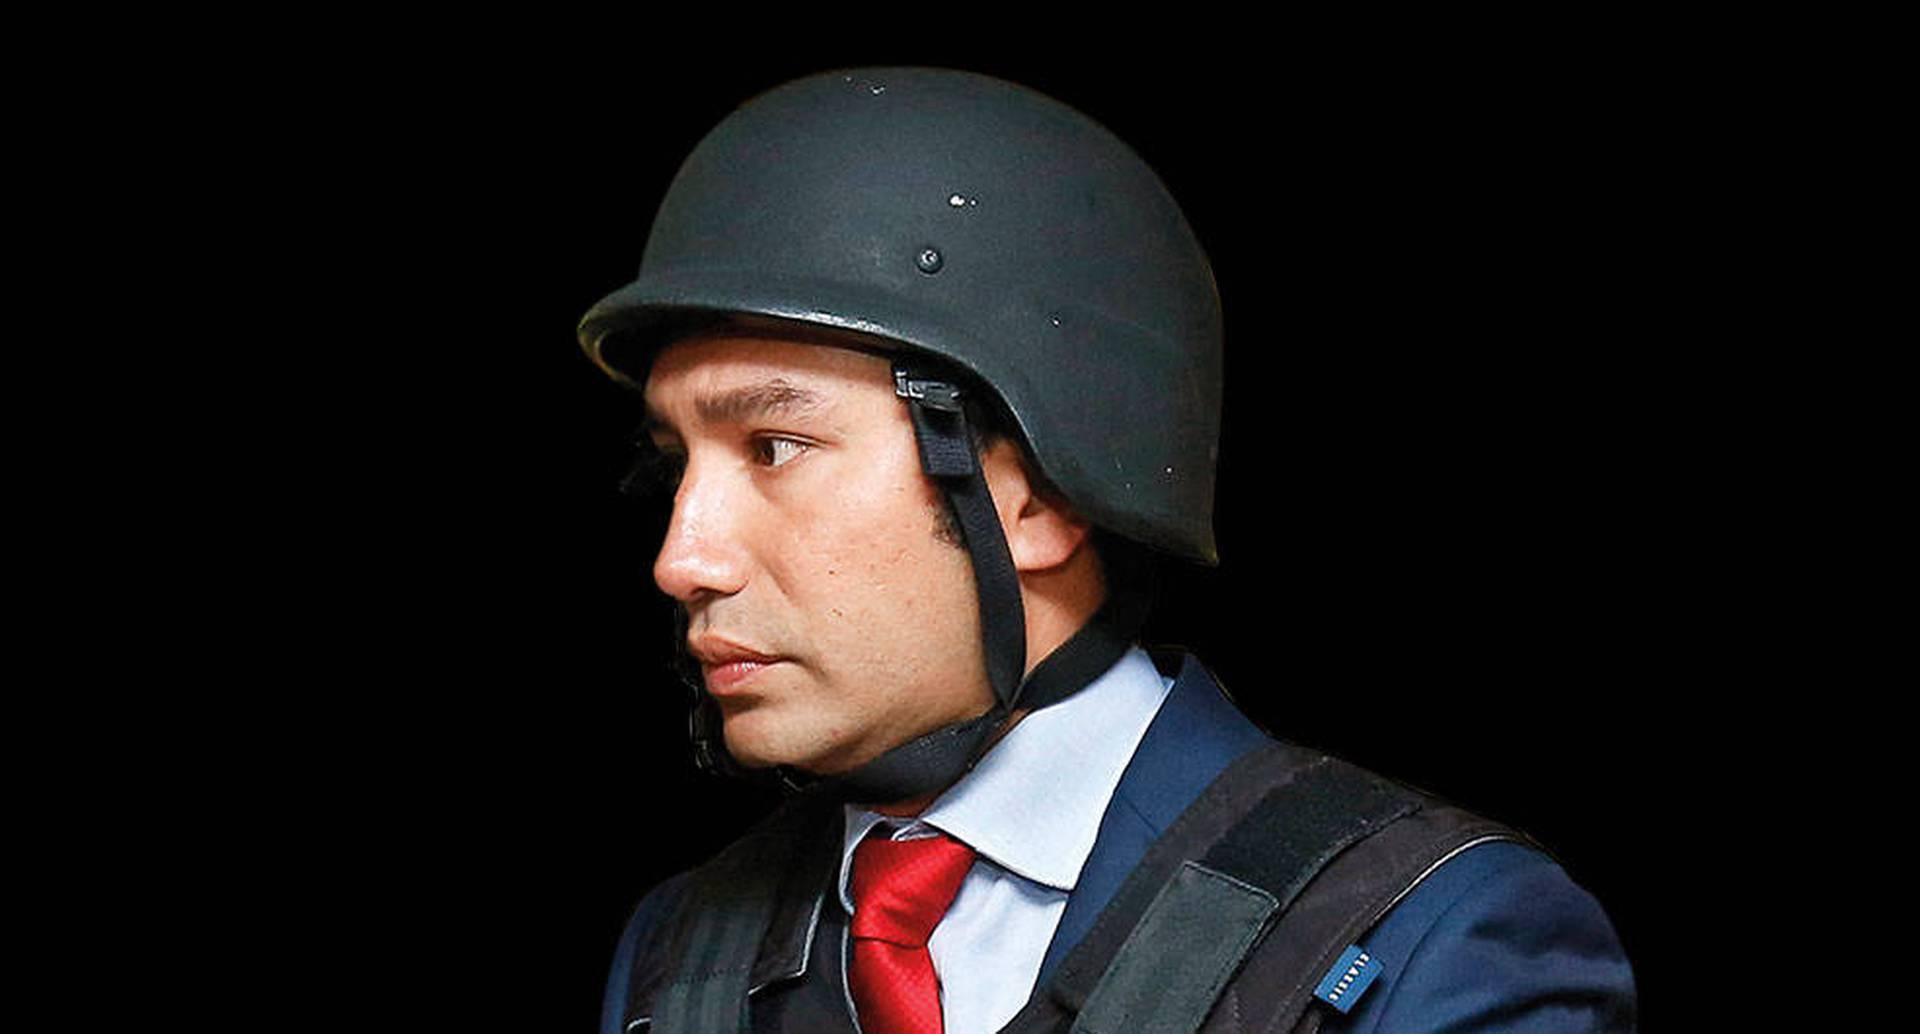 El exfiscal Gustavo Moreno fue el primer aforado en tramitar sin éxito la impugnación. Regresará en un año de su extradición a Estados Unidos para cumplir su sentencia de cárcel.